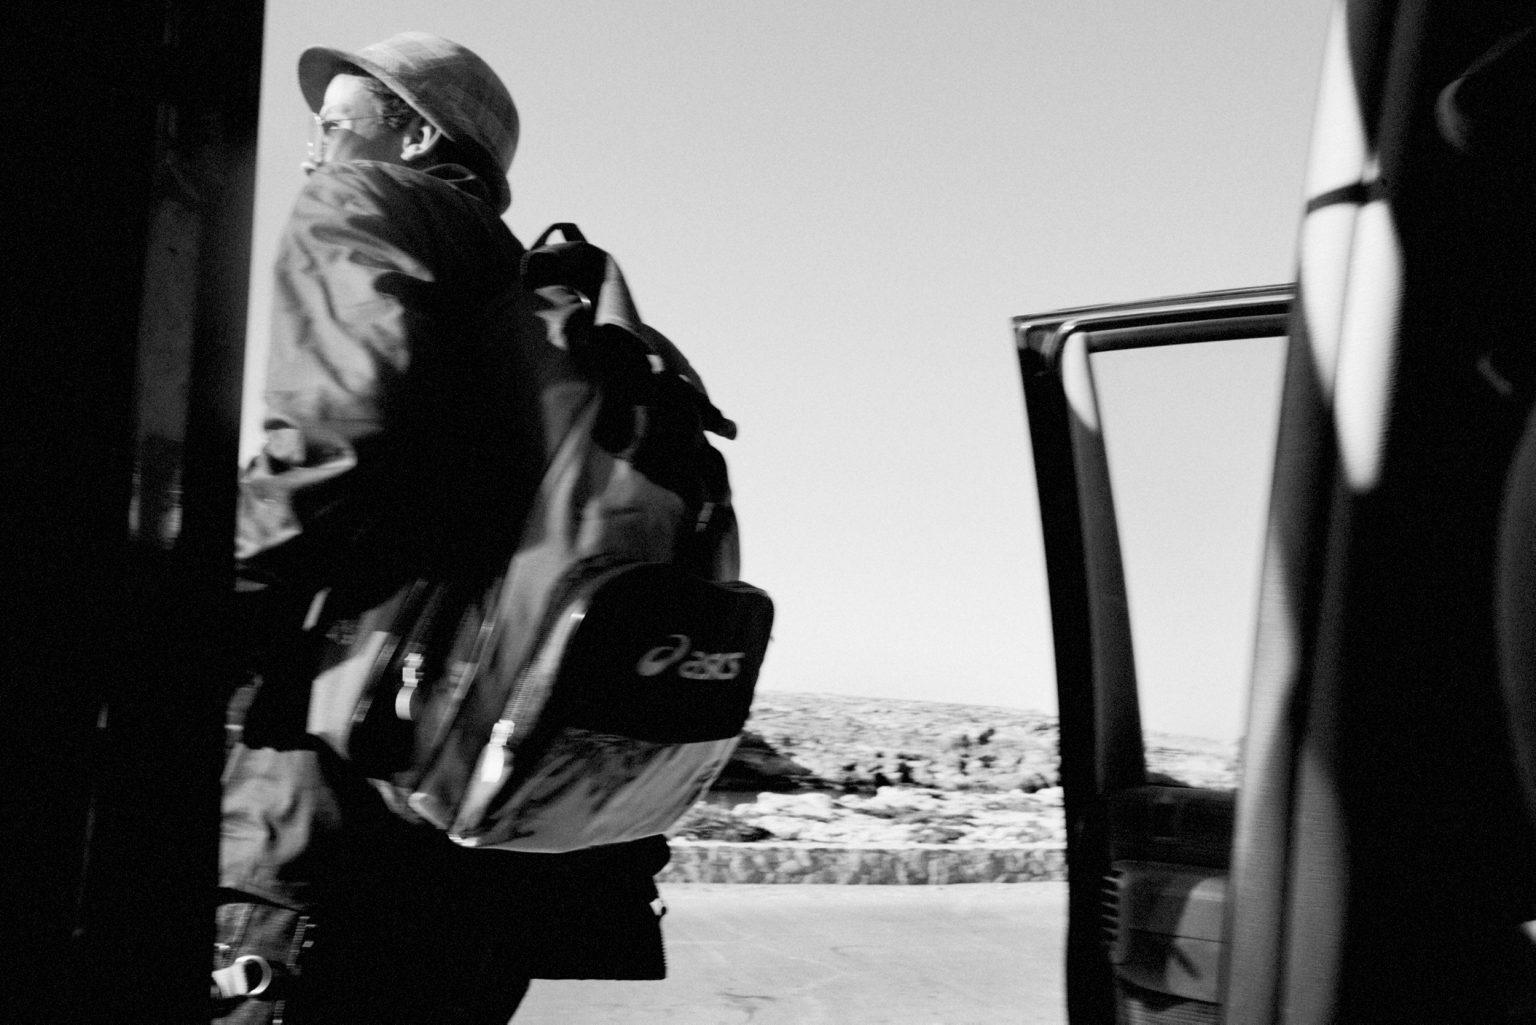 Lampedusa, April 2011-The story of Ahmed, one of the many young Tunisians landed on Lampedusa. Ahmed, a 23-year-old Tunisian who was being looked after by the Matinas, a Lampedusans family. The family gave him a bed, clothes,food, and they lived togheter for a year. The arrival of Ahmed.   Lampedusa, aprile 2011-La storia di Ahmed, uno dei tanti giovani tunisini sbarcati a Lampedusa. Ahmed, un tunisino di 23 anniè stato accudito dai Matinas, una famiglia lampedusana. La famiglia gli ha dato un letto, dei vestiti e  cibo. Hanno vissuto insieme per un anno.L'arrivo di Ahmed.